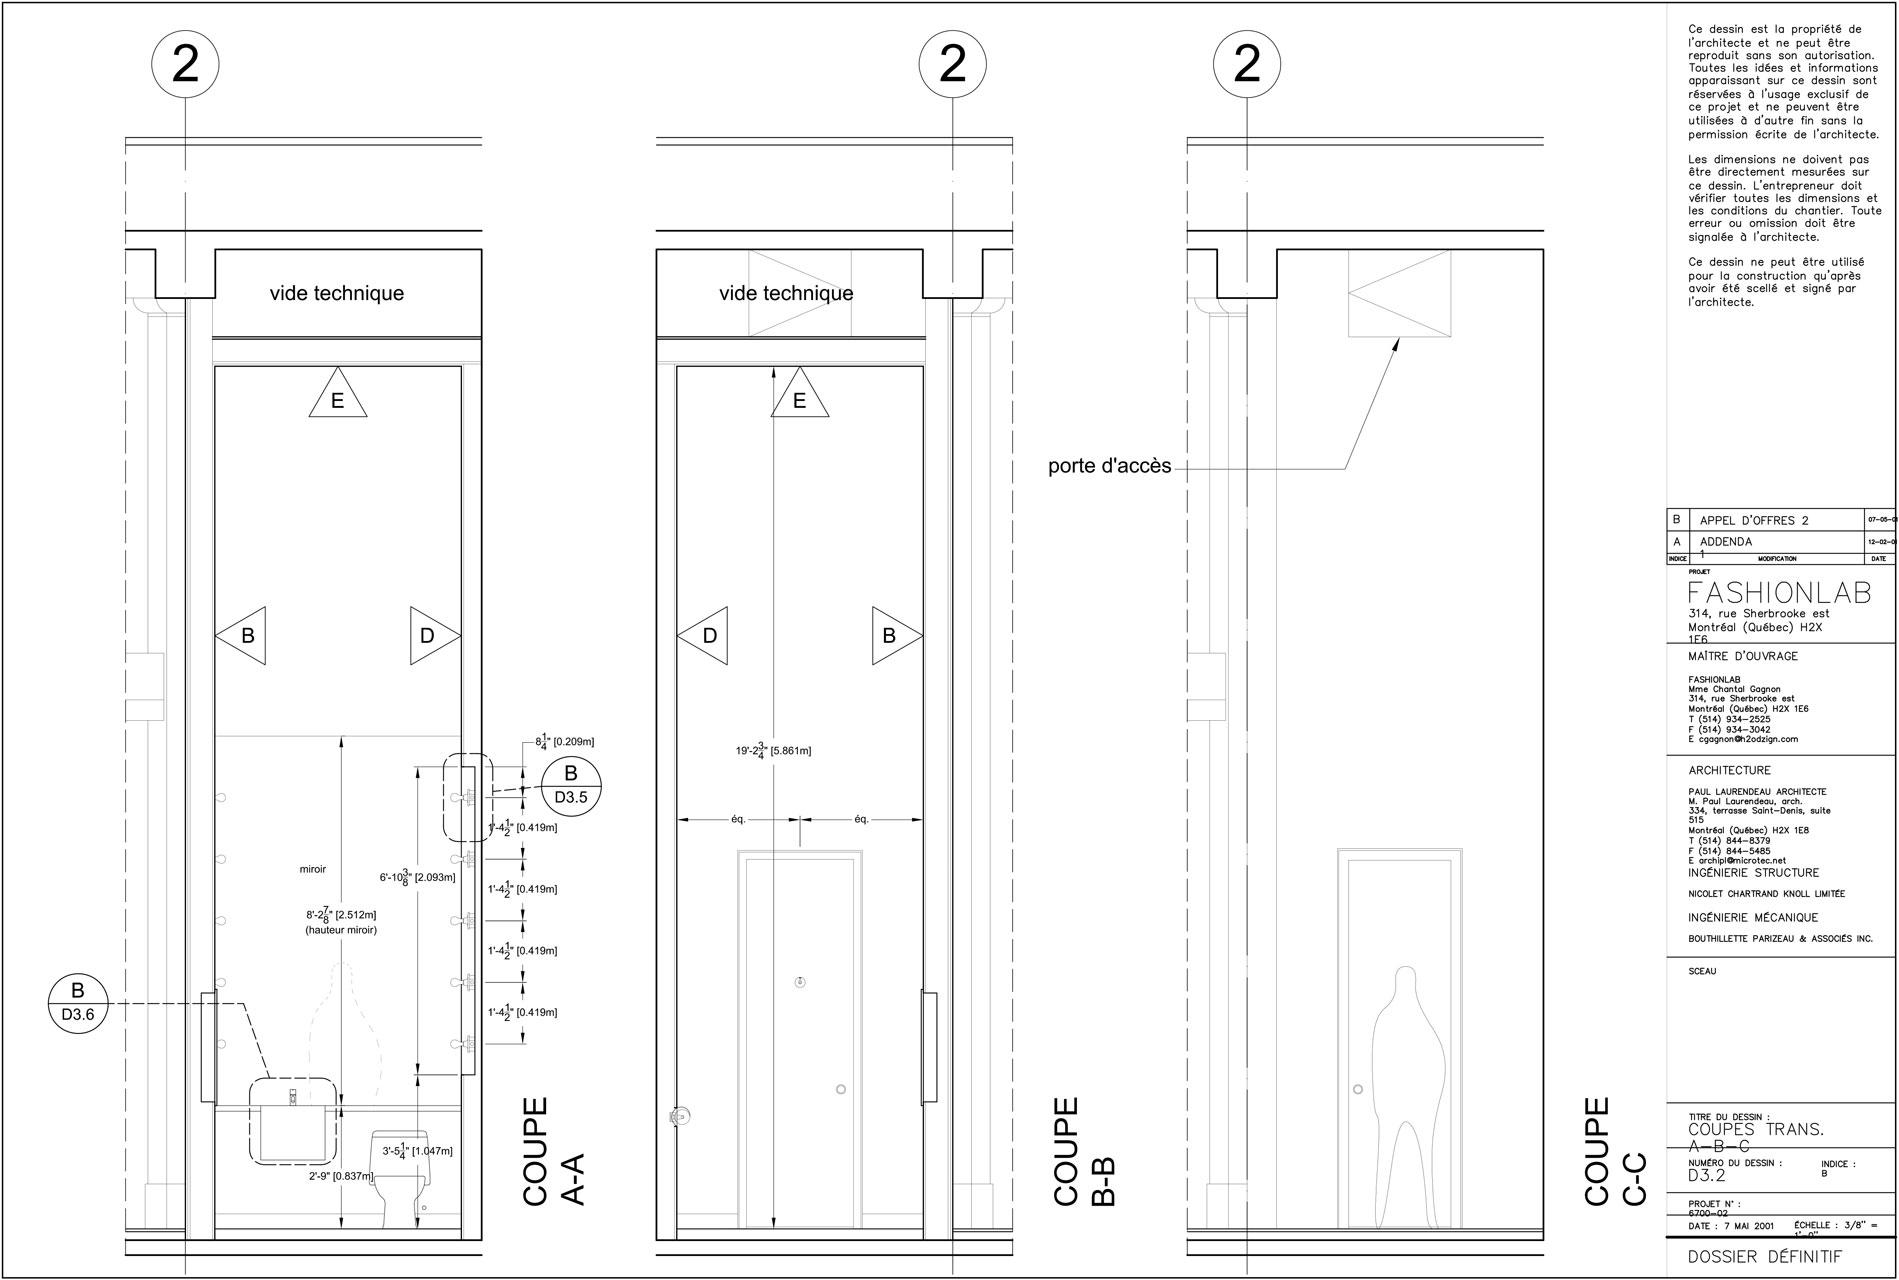 FASH-dessin-élévation-wc.jpg